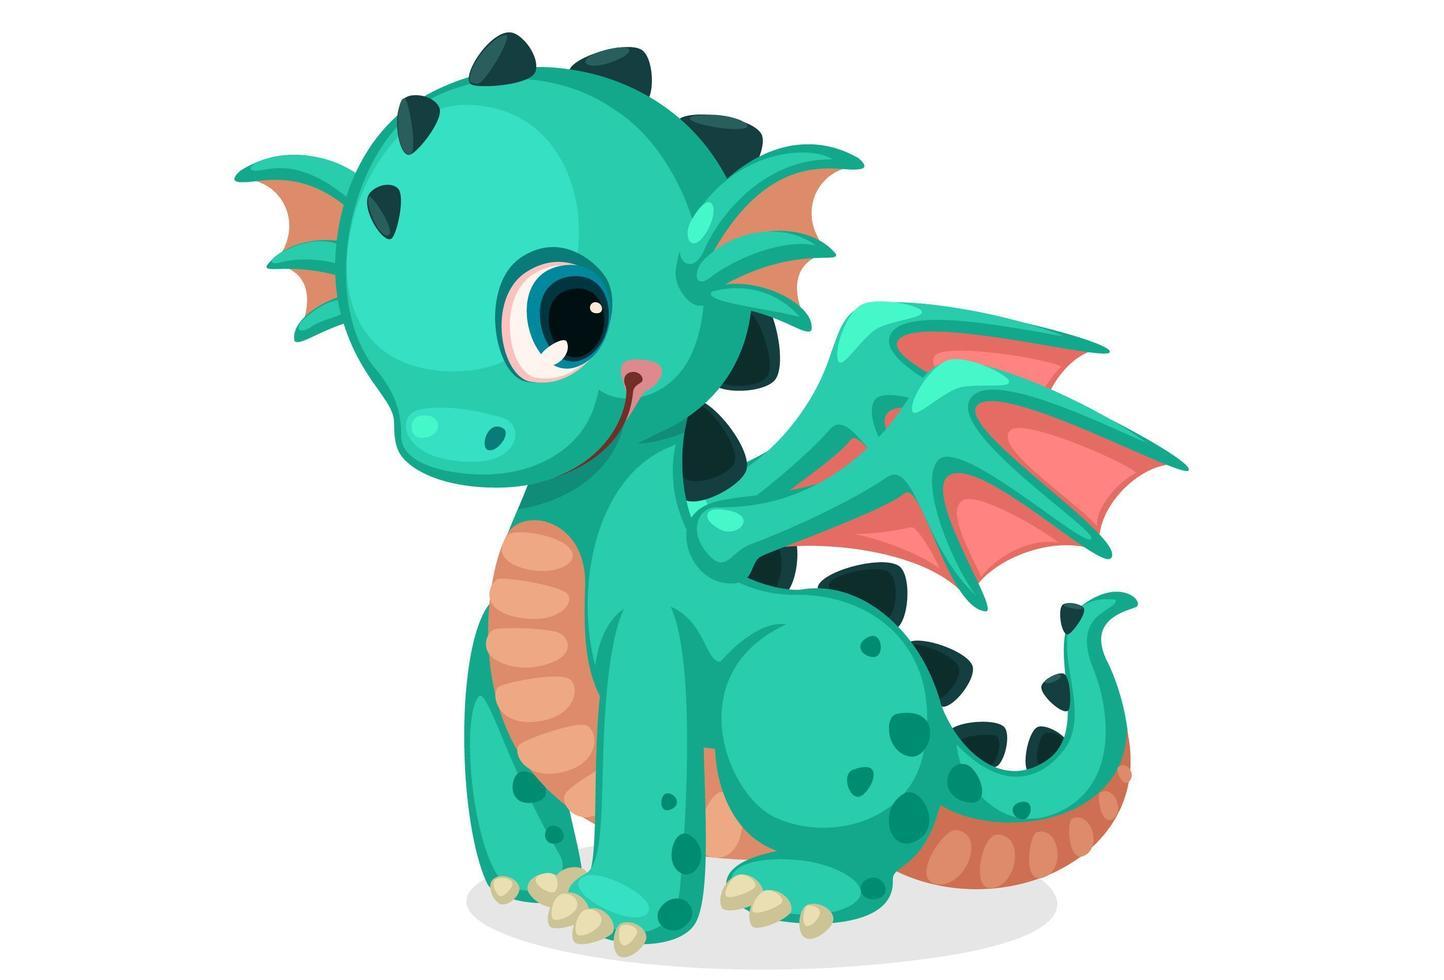 simpatico cucciolo di drago verde vettore